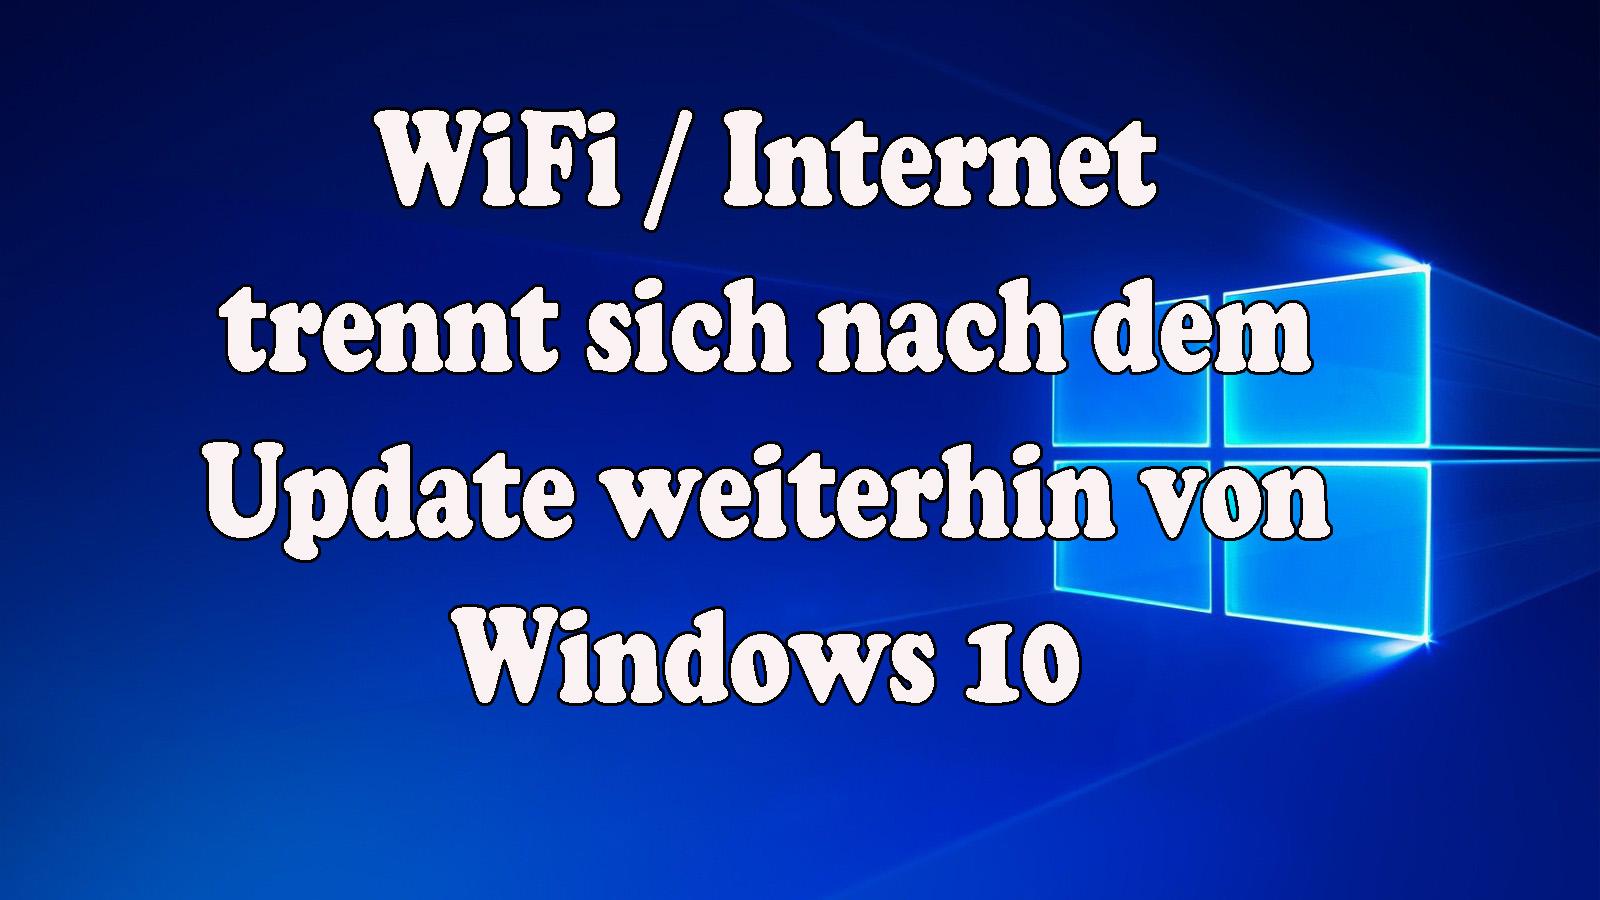 WLAN wird unter Windows 10 weiterhin getrennt